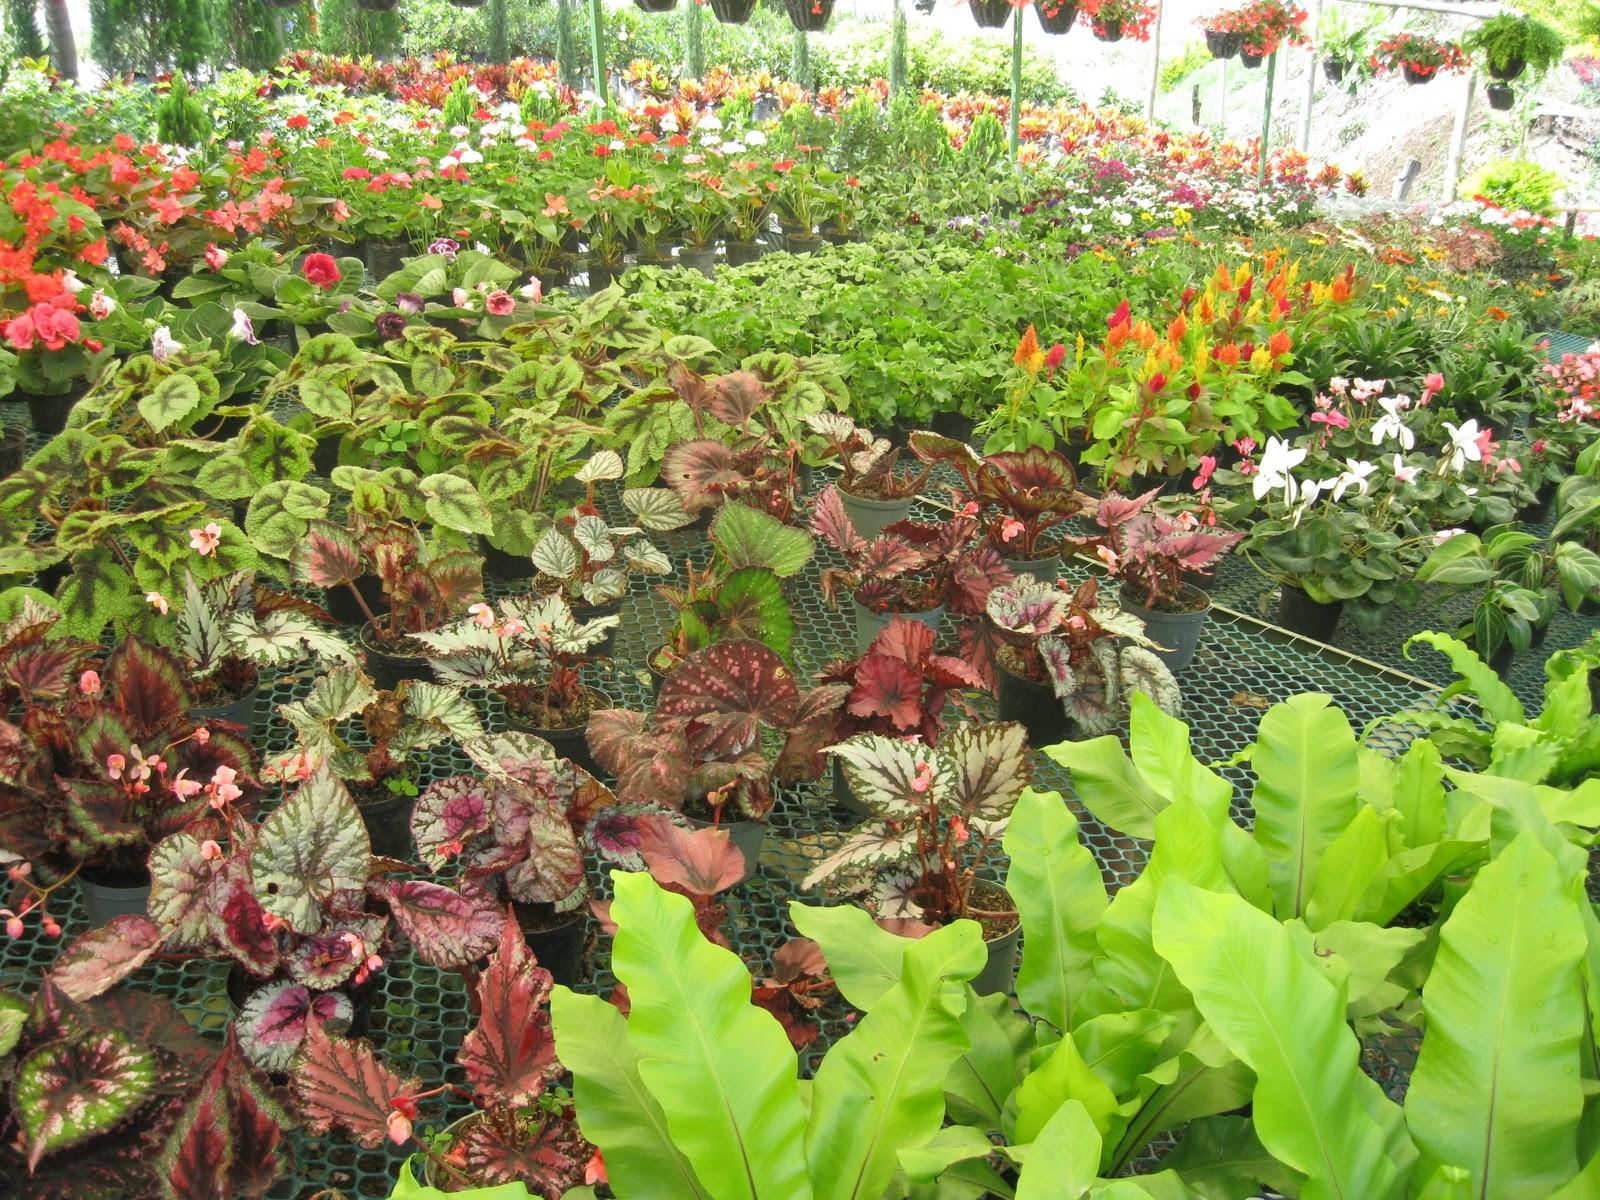 Vivero a j un consejo for Viveros plantas ornamentales colombia